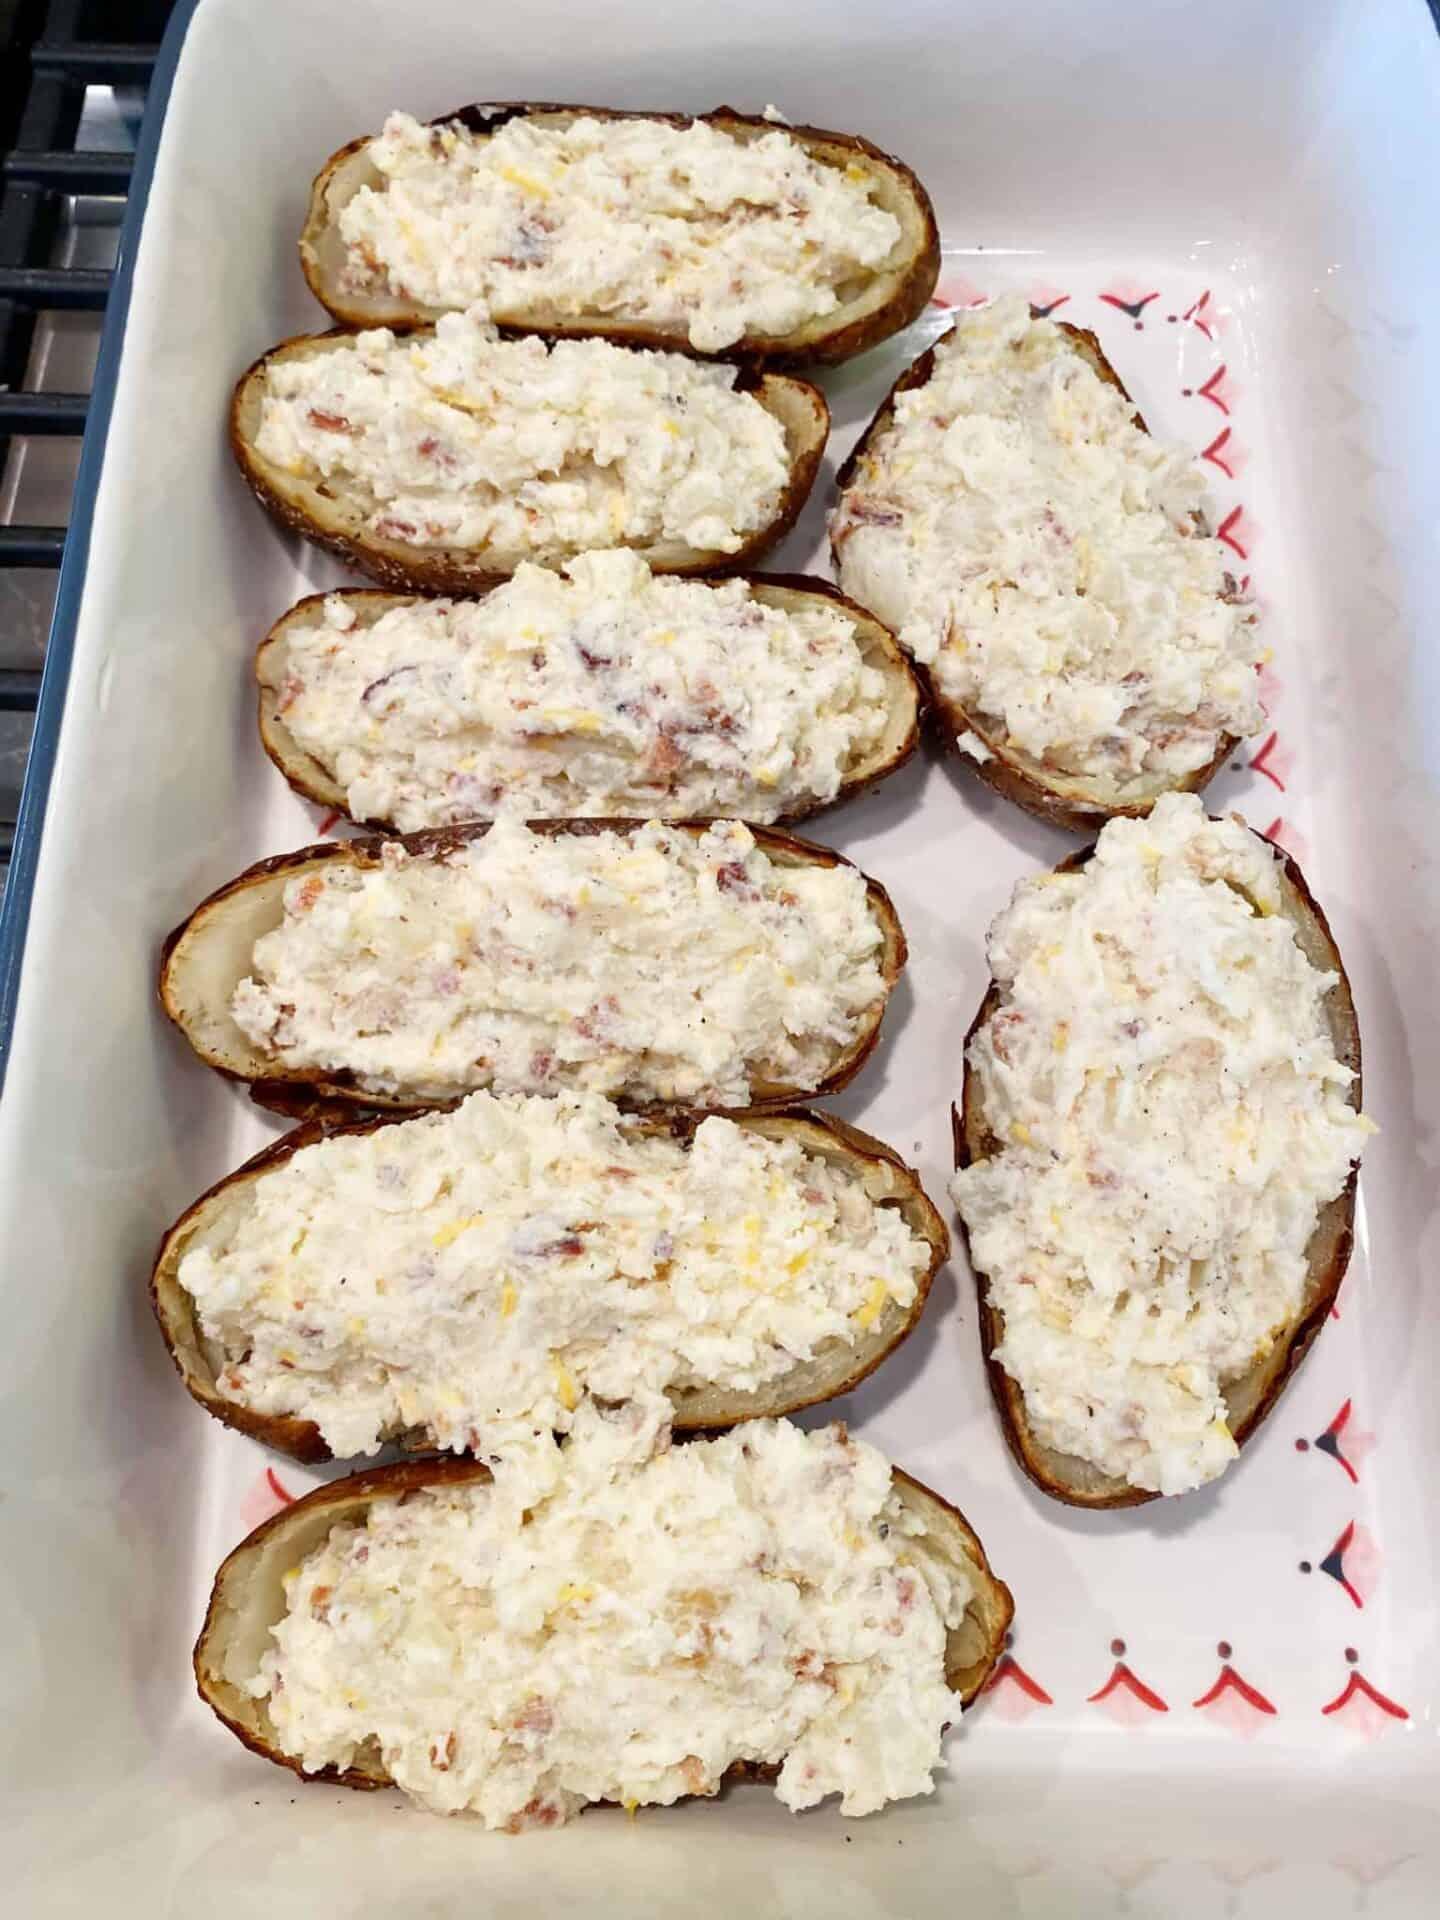 twice-baked-potatoes-bake